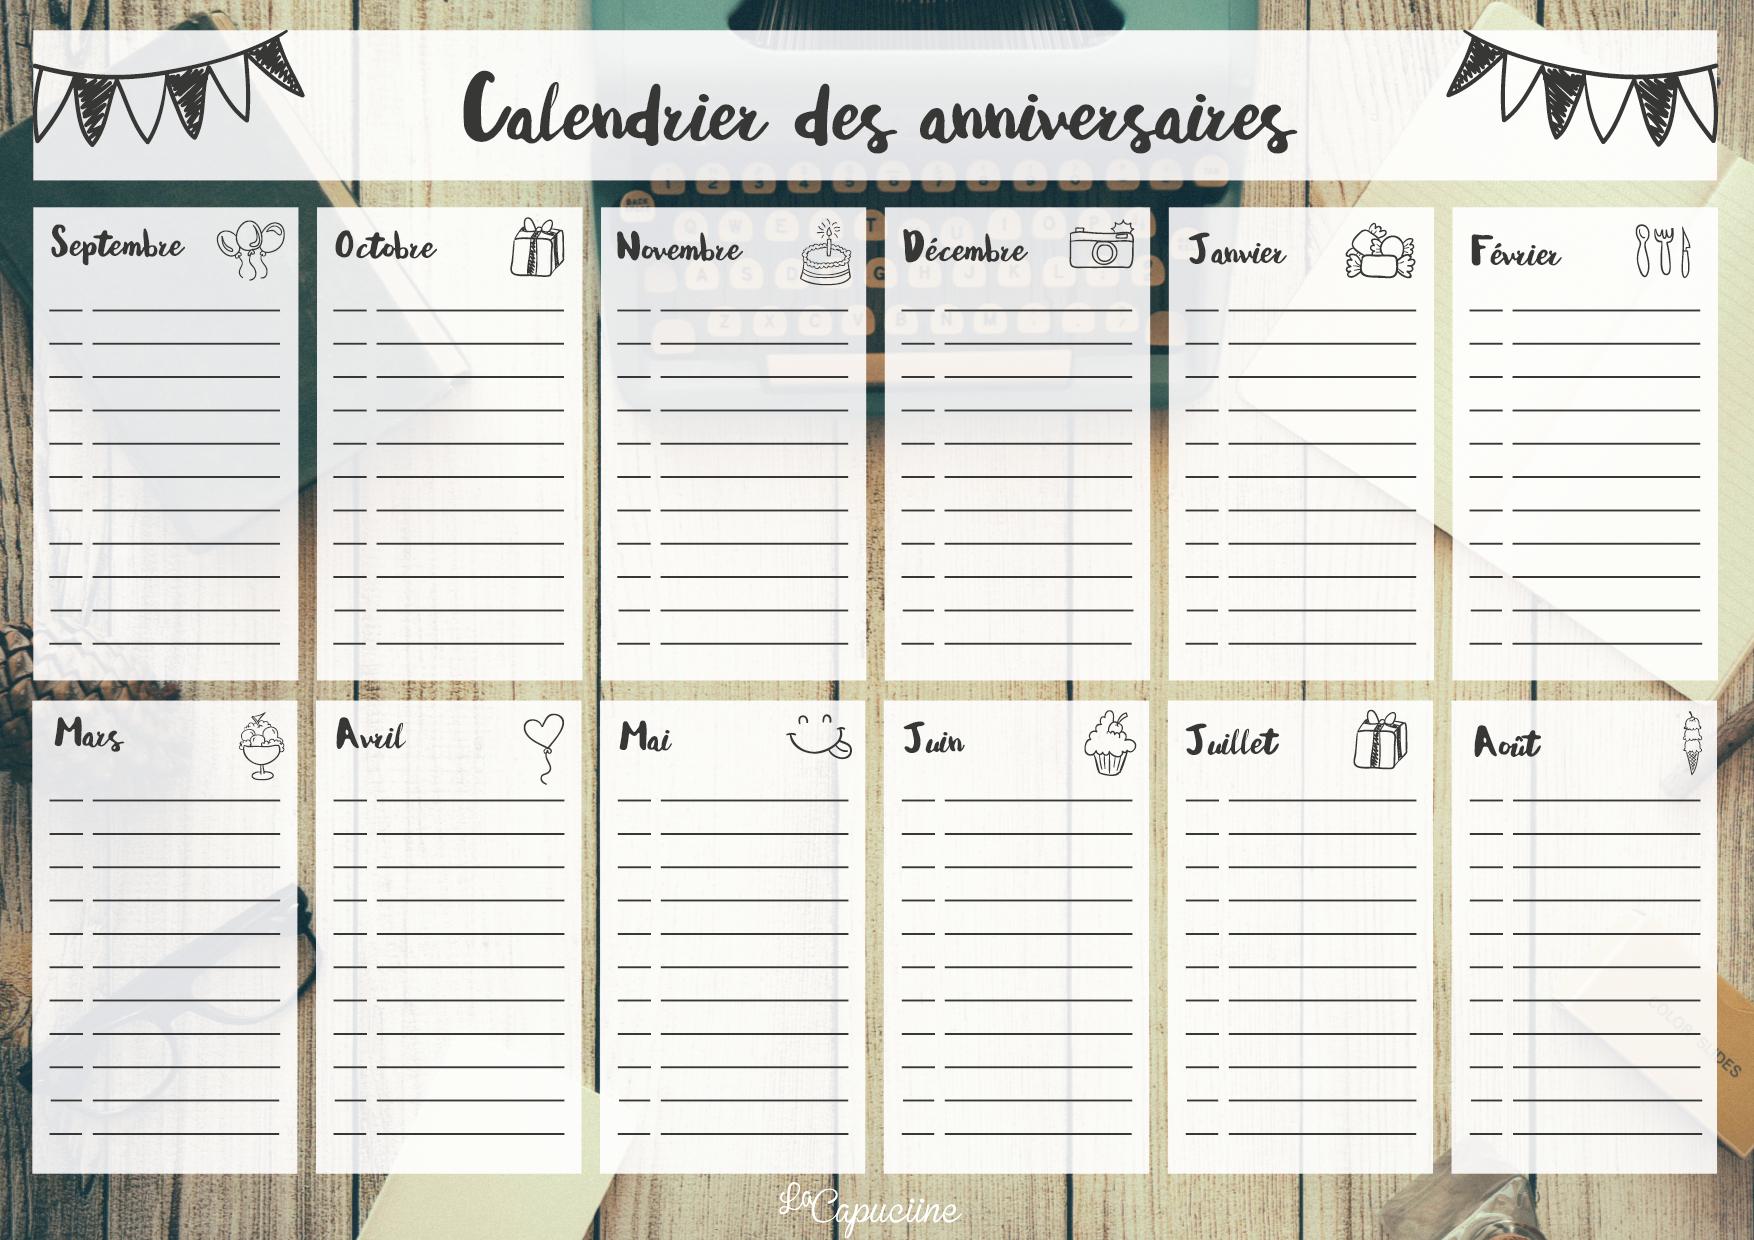 Épinglé Par Julie P Sur Organisation, Planning | Calendrier destiné Calendrier Perpetuel Gratuit Imprimer